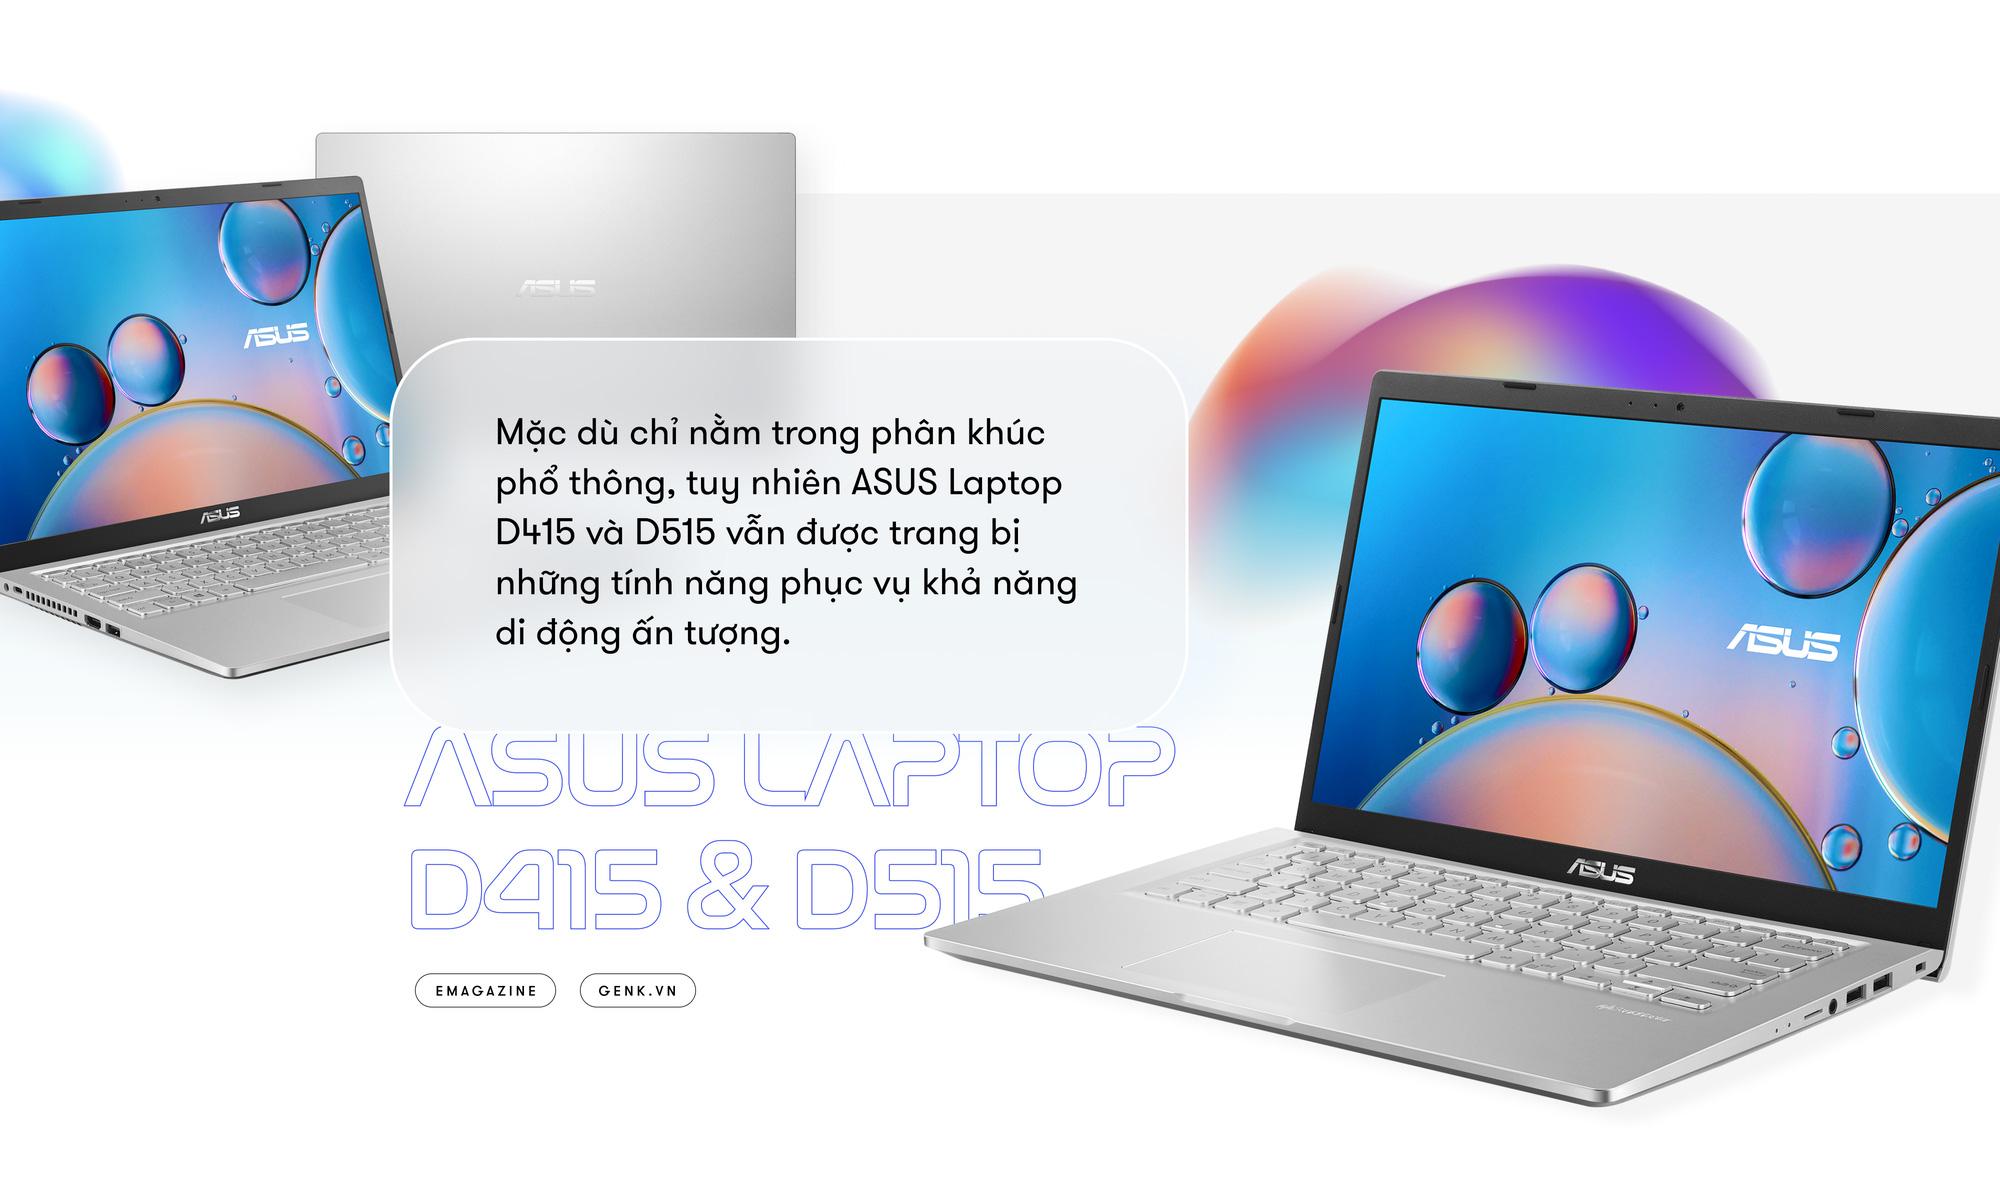 Điểm mặt laptop Asus thế hệ mới: tuyên ngôn sống đầy tự tin năng động mang đậm phong cách công dân thời đại số - Ảnh 15.